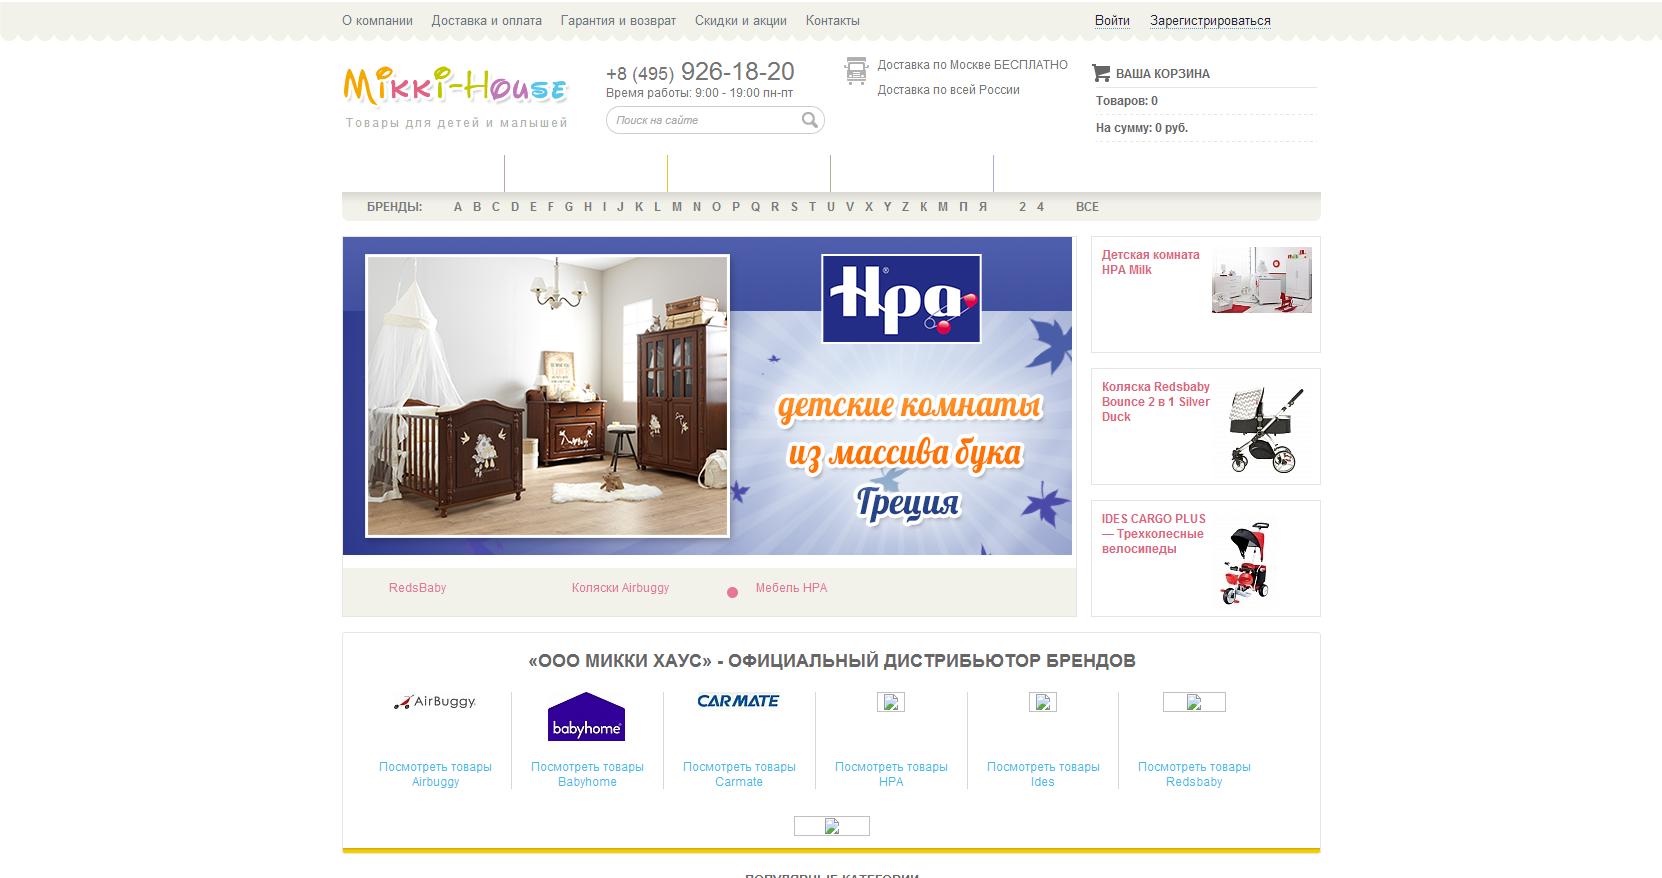 Интернет-магазин детских товаров -  Микки-Хаус